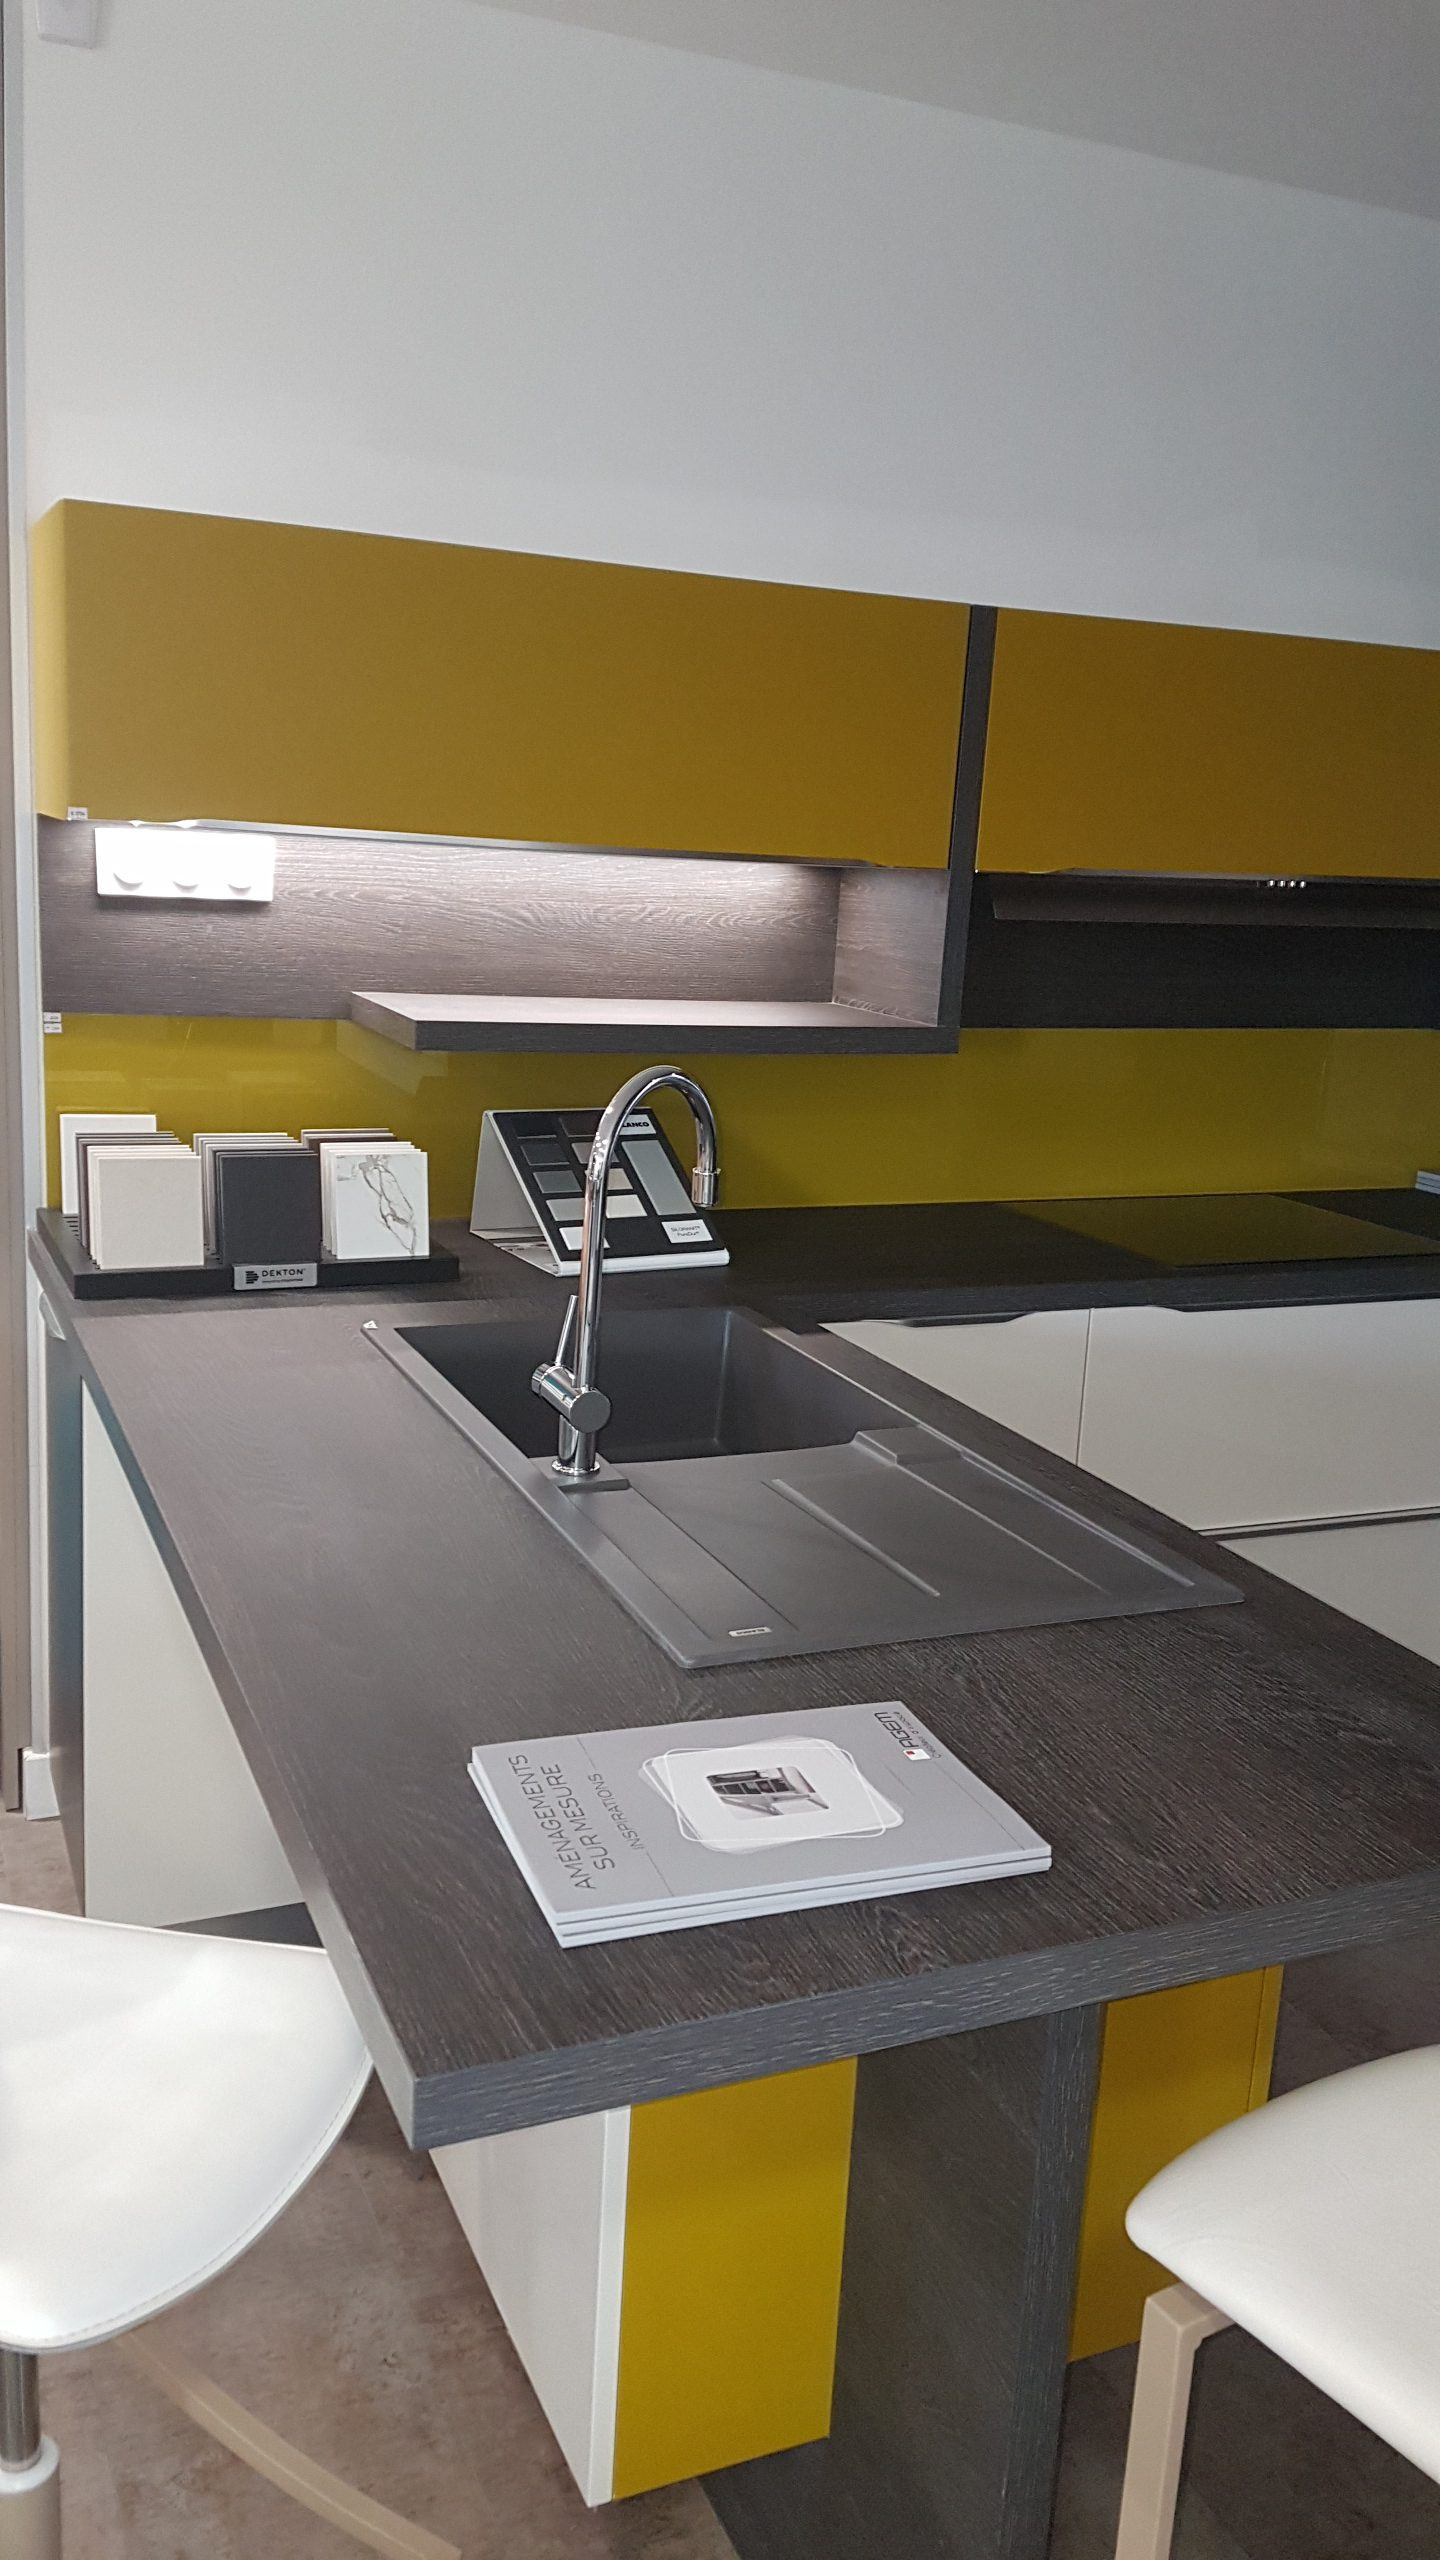 cuisine-jaune-vert-equipee-kitchenaid | conception et aménagement